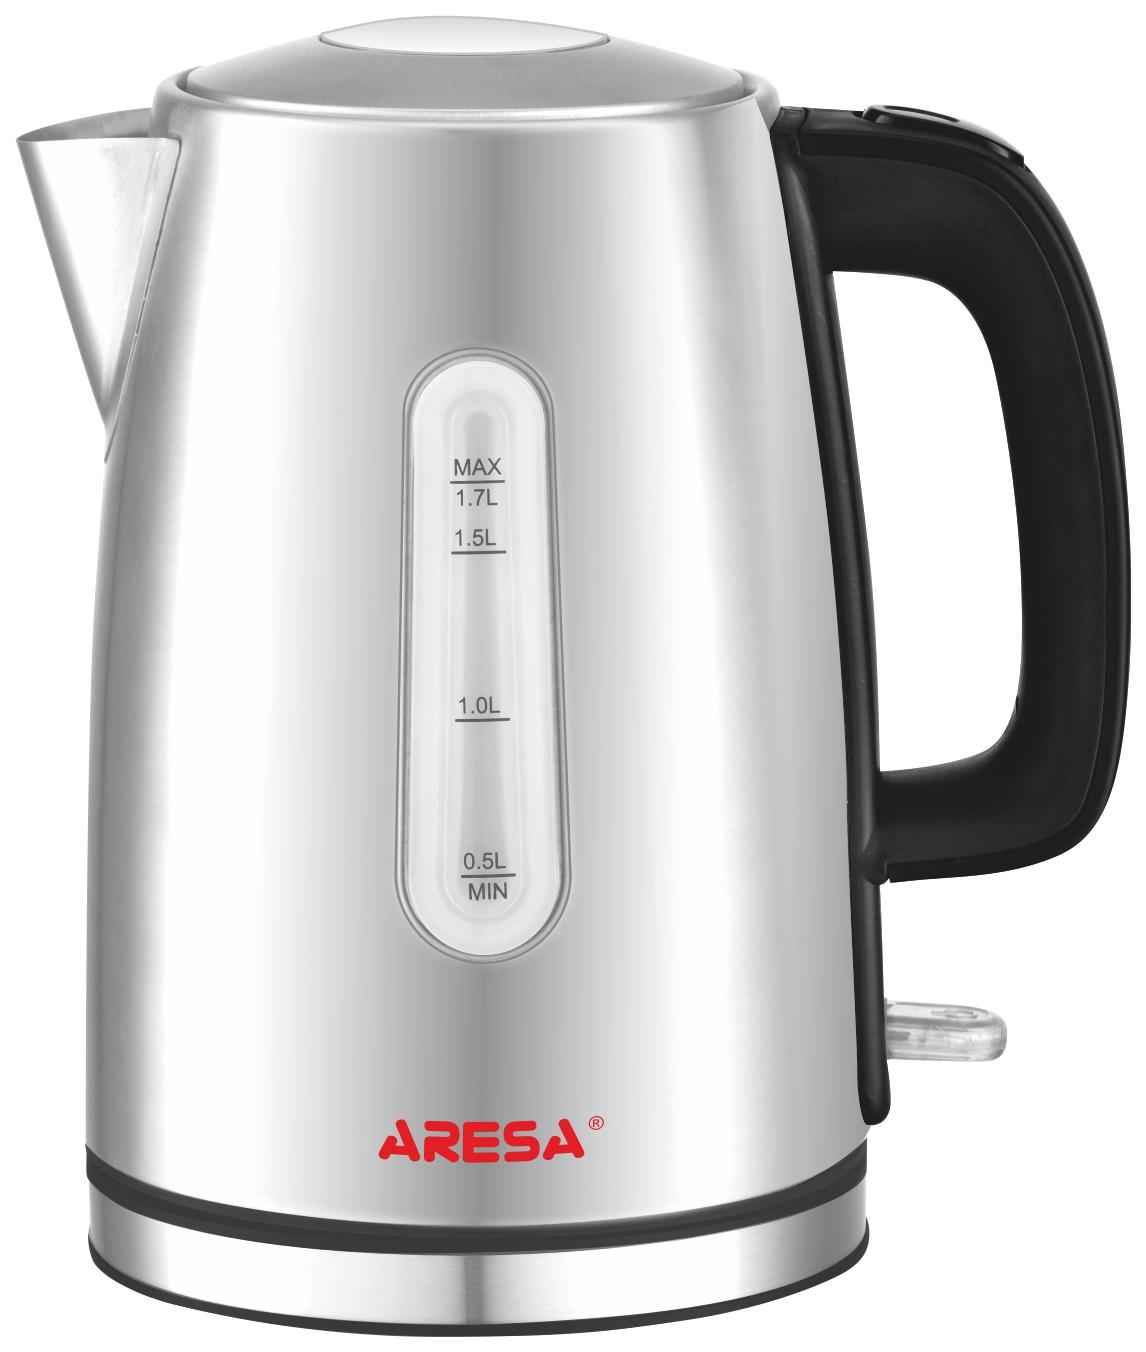 ARESA AR-3437